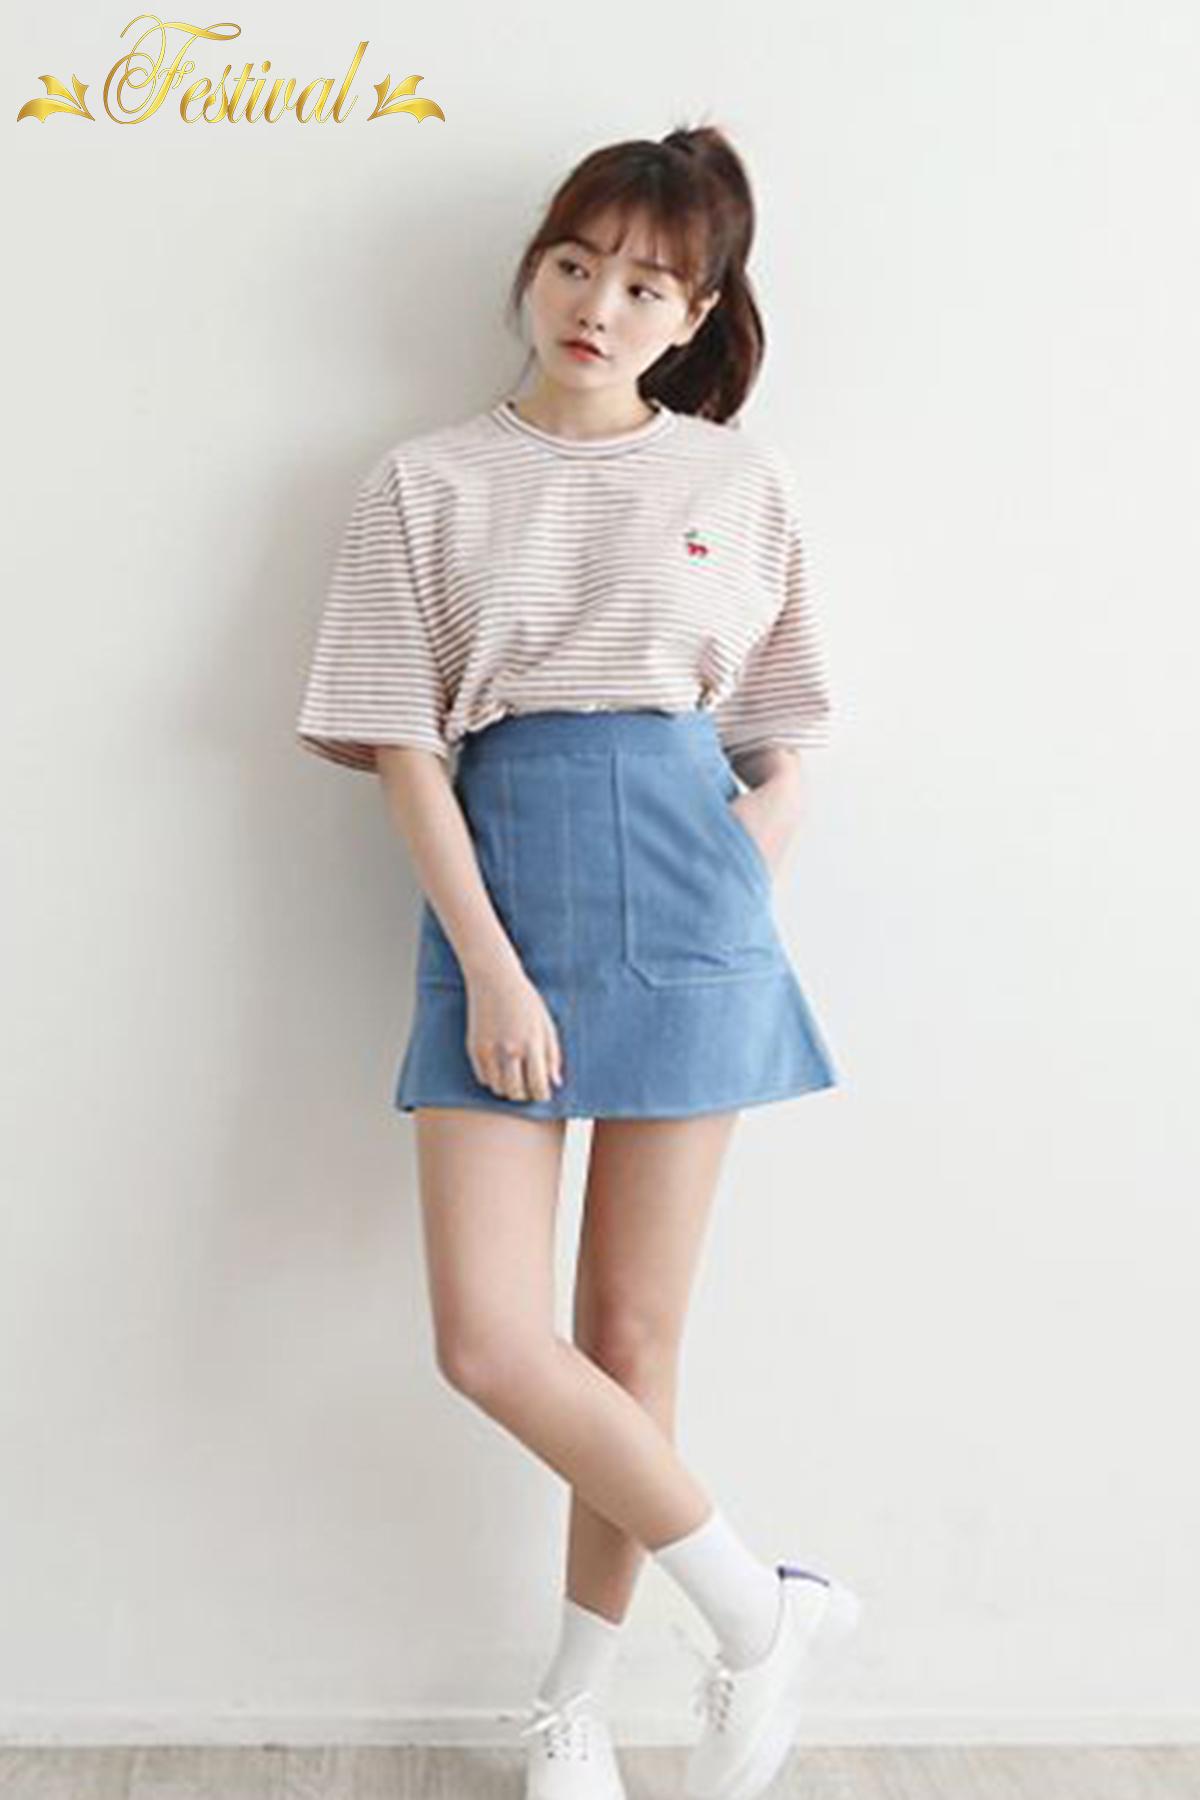 Mix áo thun với chân váy jeans - Ảnh 2